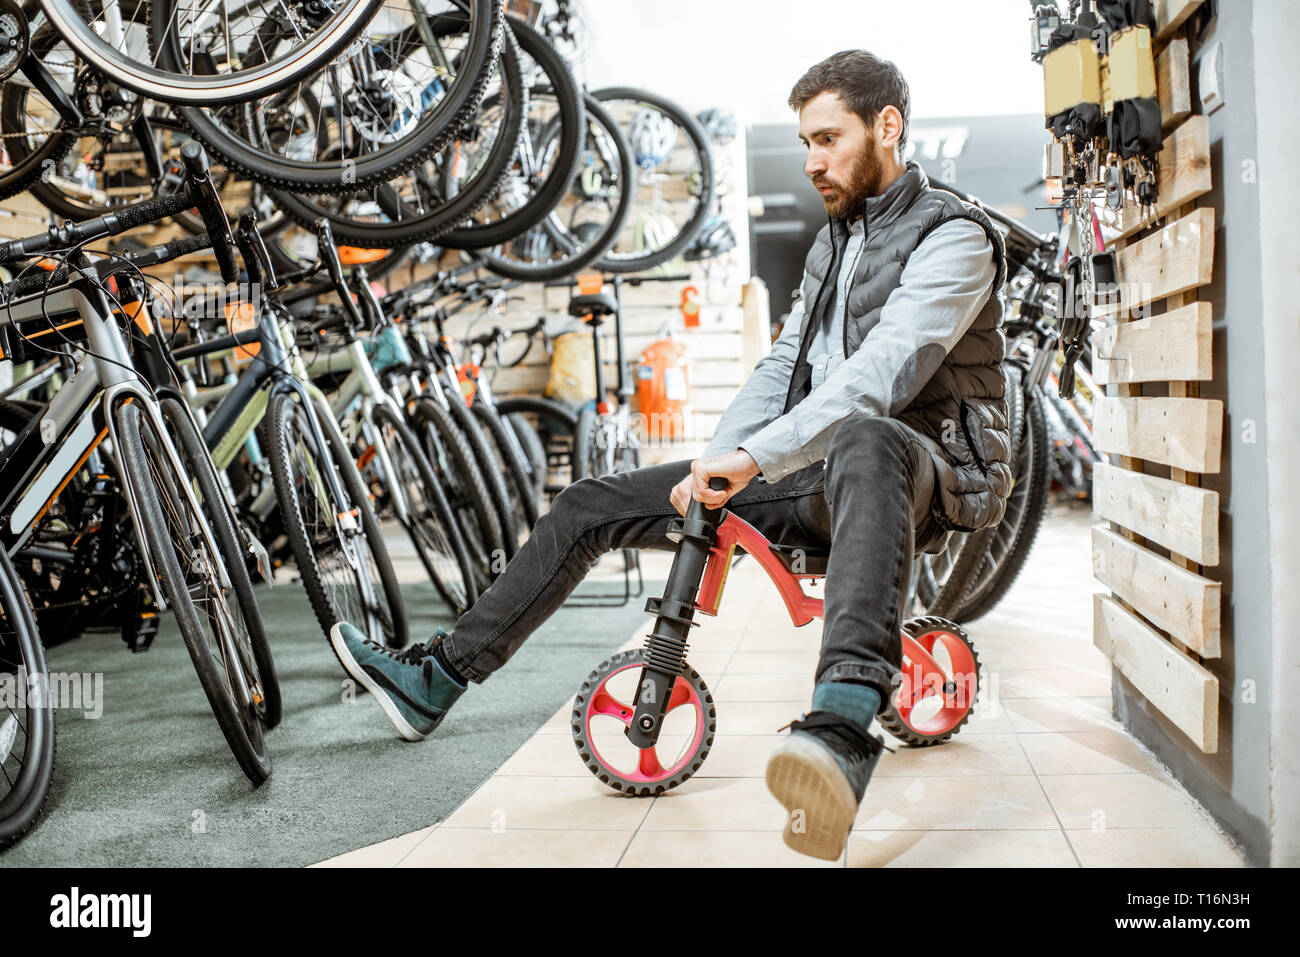 Gracioso retrato de un hombre montando bicicleta infantil en la tienda de bicicletas y equipamiento deportivo Foto de stock